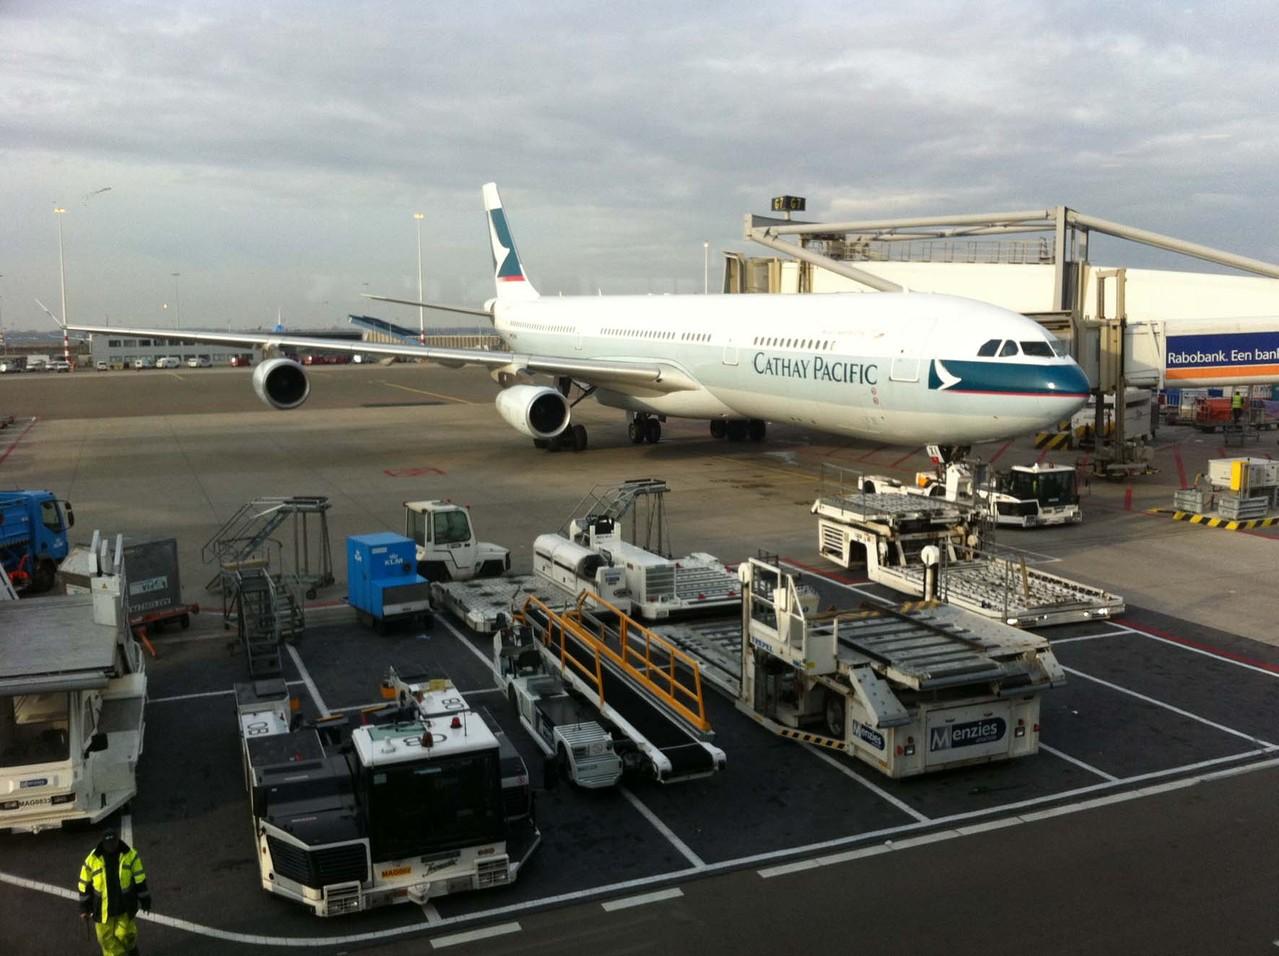 1. Etappe via Zürich und Amsterdam nach Hong Kong